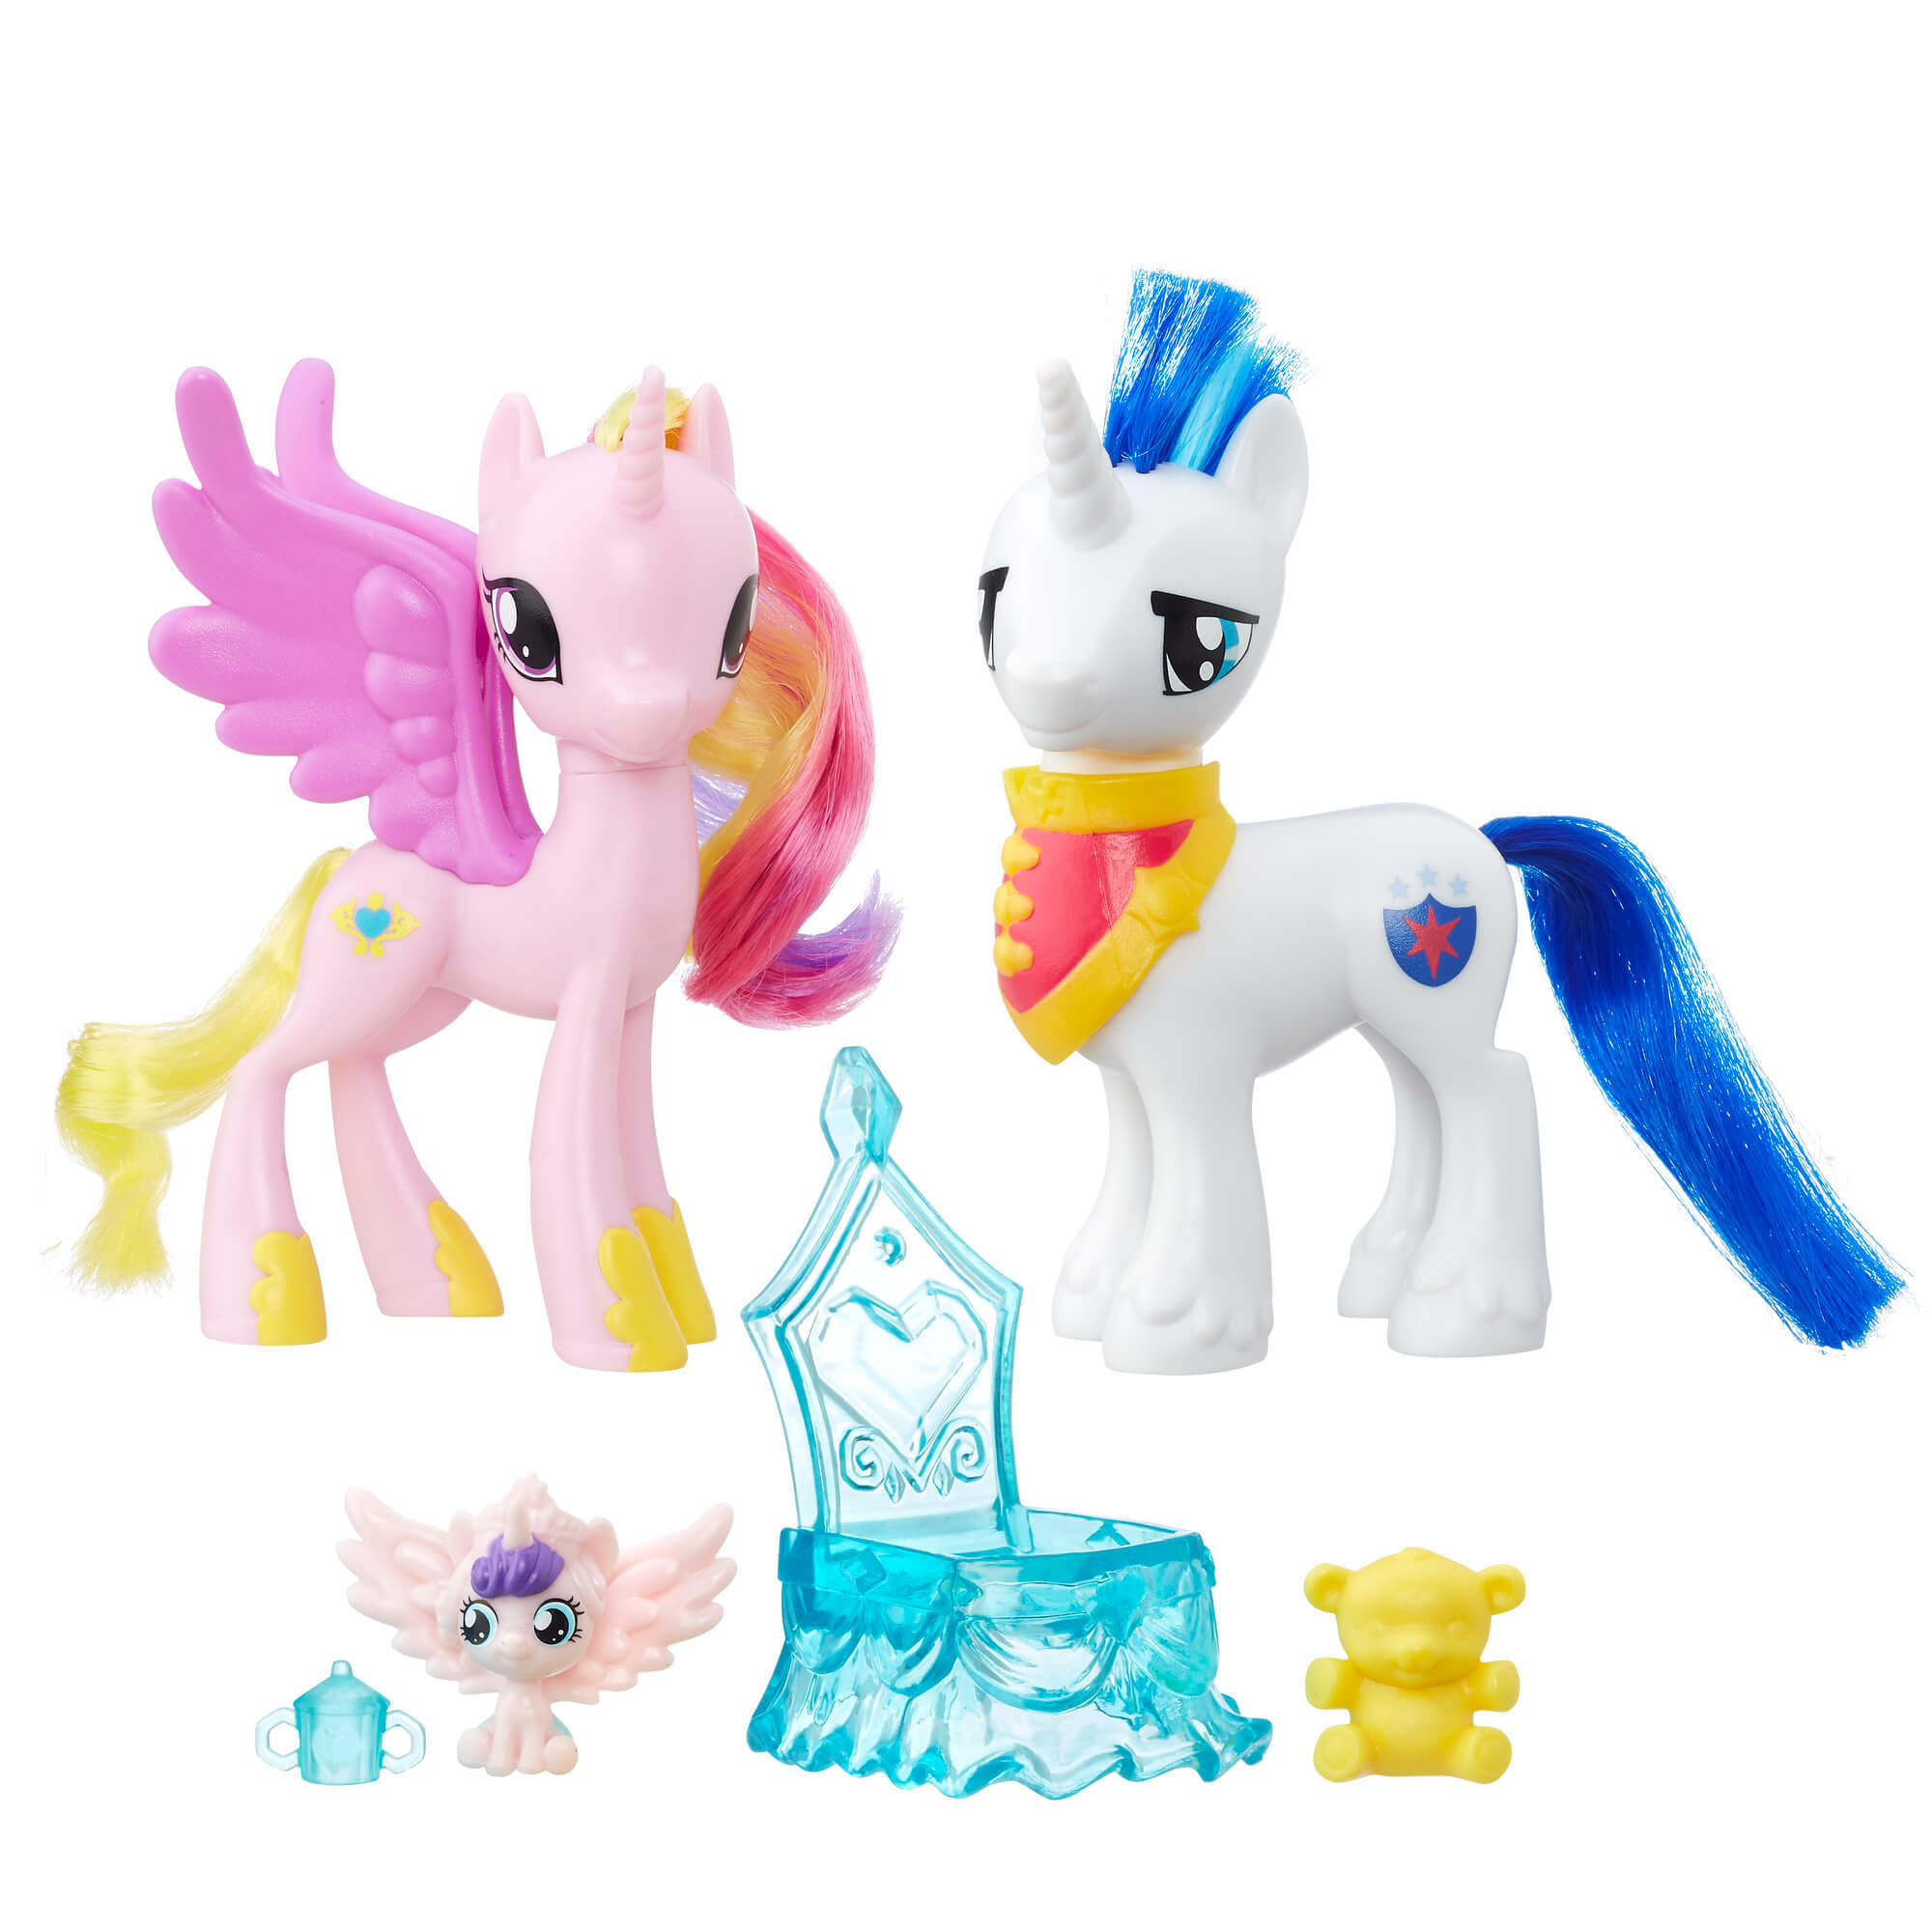 Игровой набор Принцесса Каденс и Шайнинг Армор Пони ...